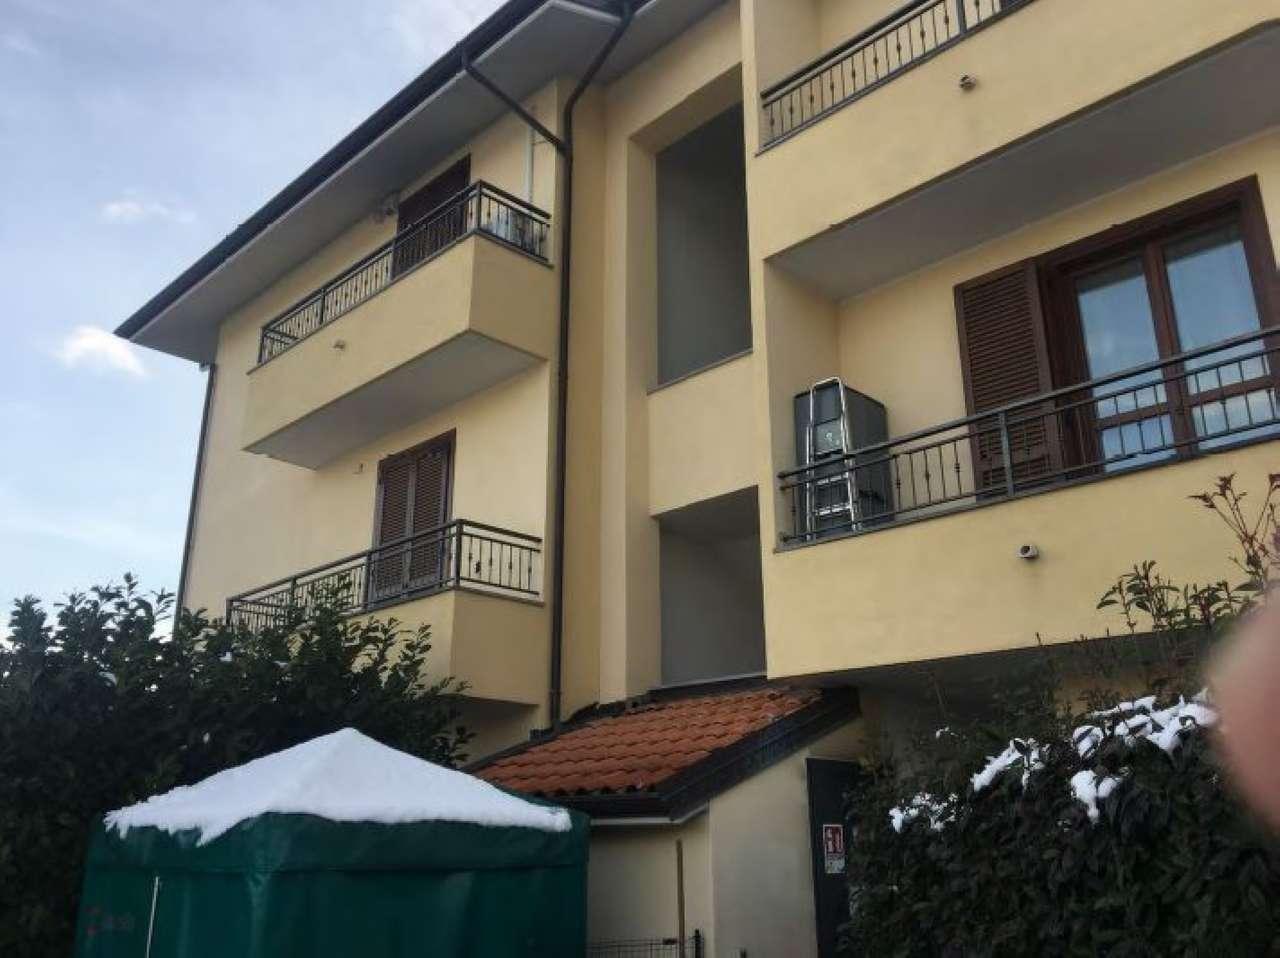 Appartamento in vendita a Giaveno, 2 locali, prezzo € 31.500 | CambioCasa.it